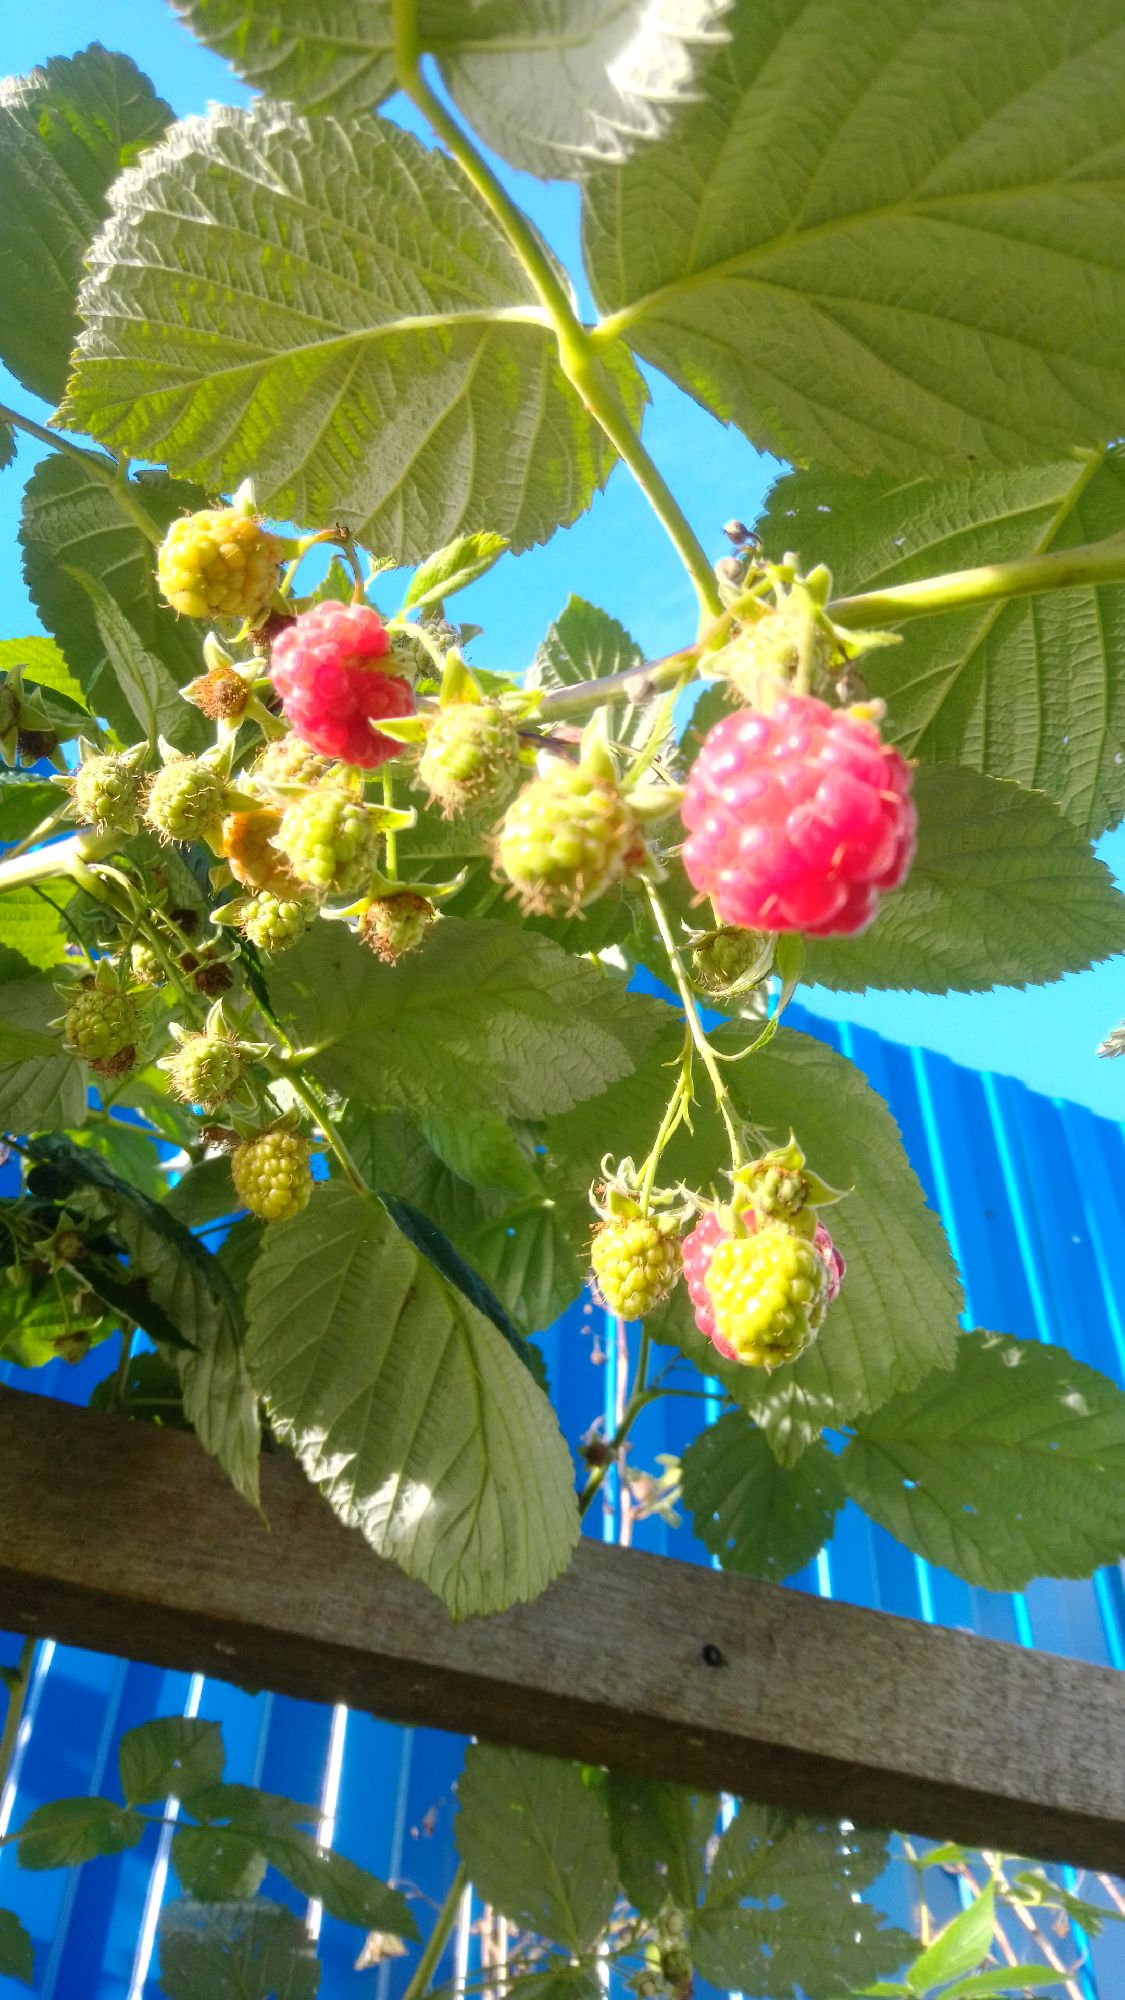 Садовая малина. Второй урожай. Октябрь 2020